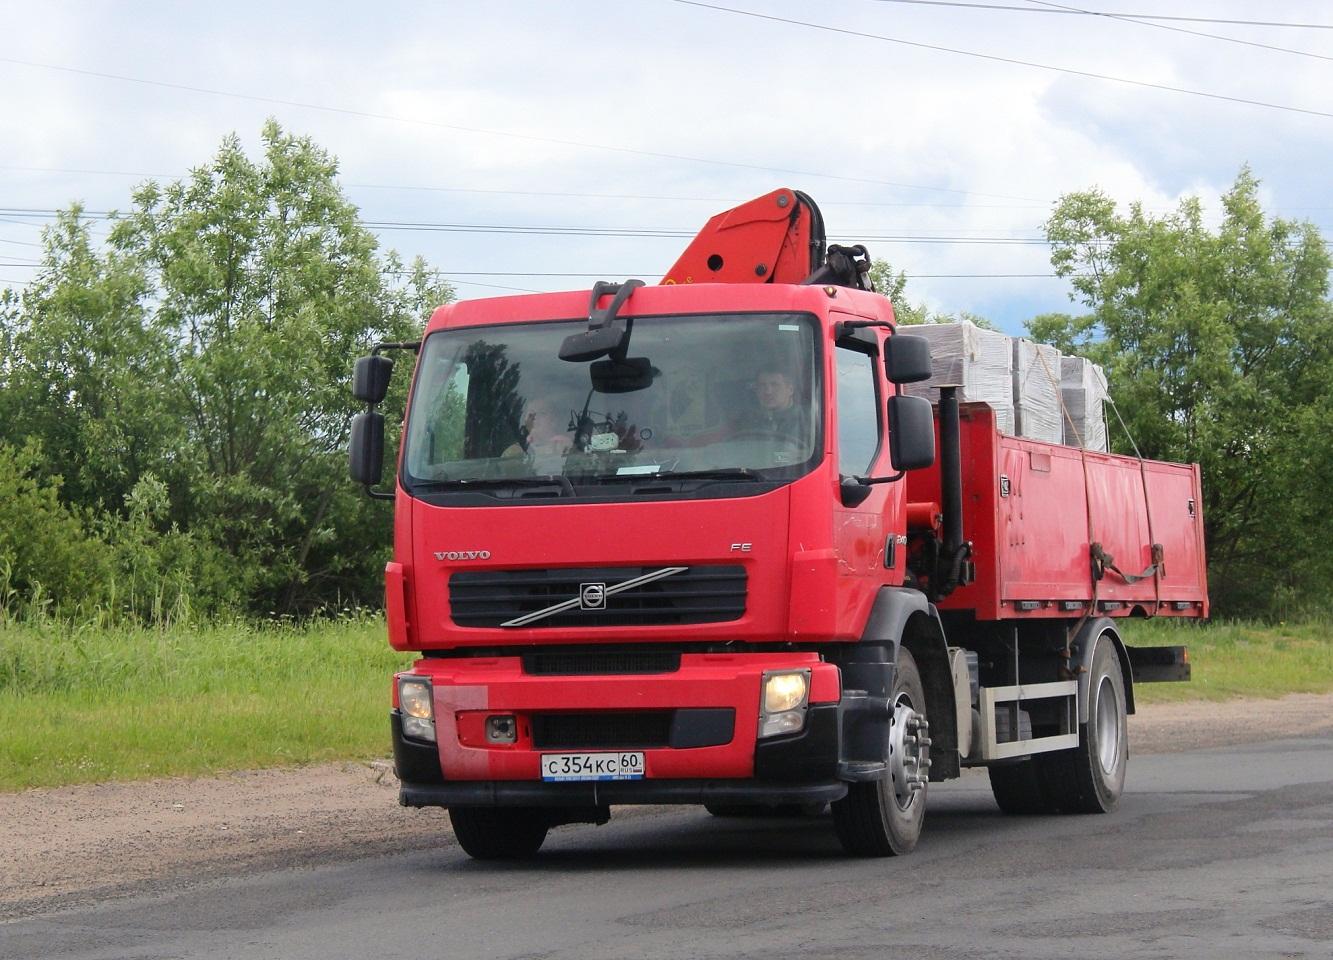 Бортовой грузовик Volvo FE с КМУ Palfinger #С 354 КС 60. Псков, Инженерная улица